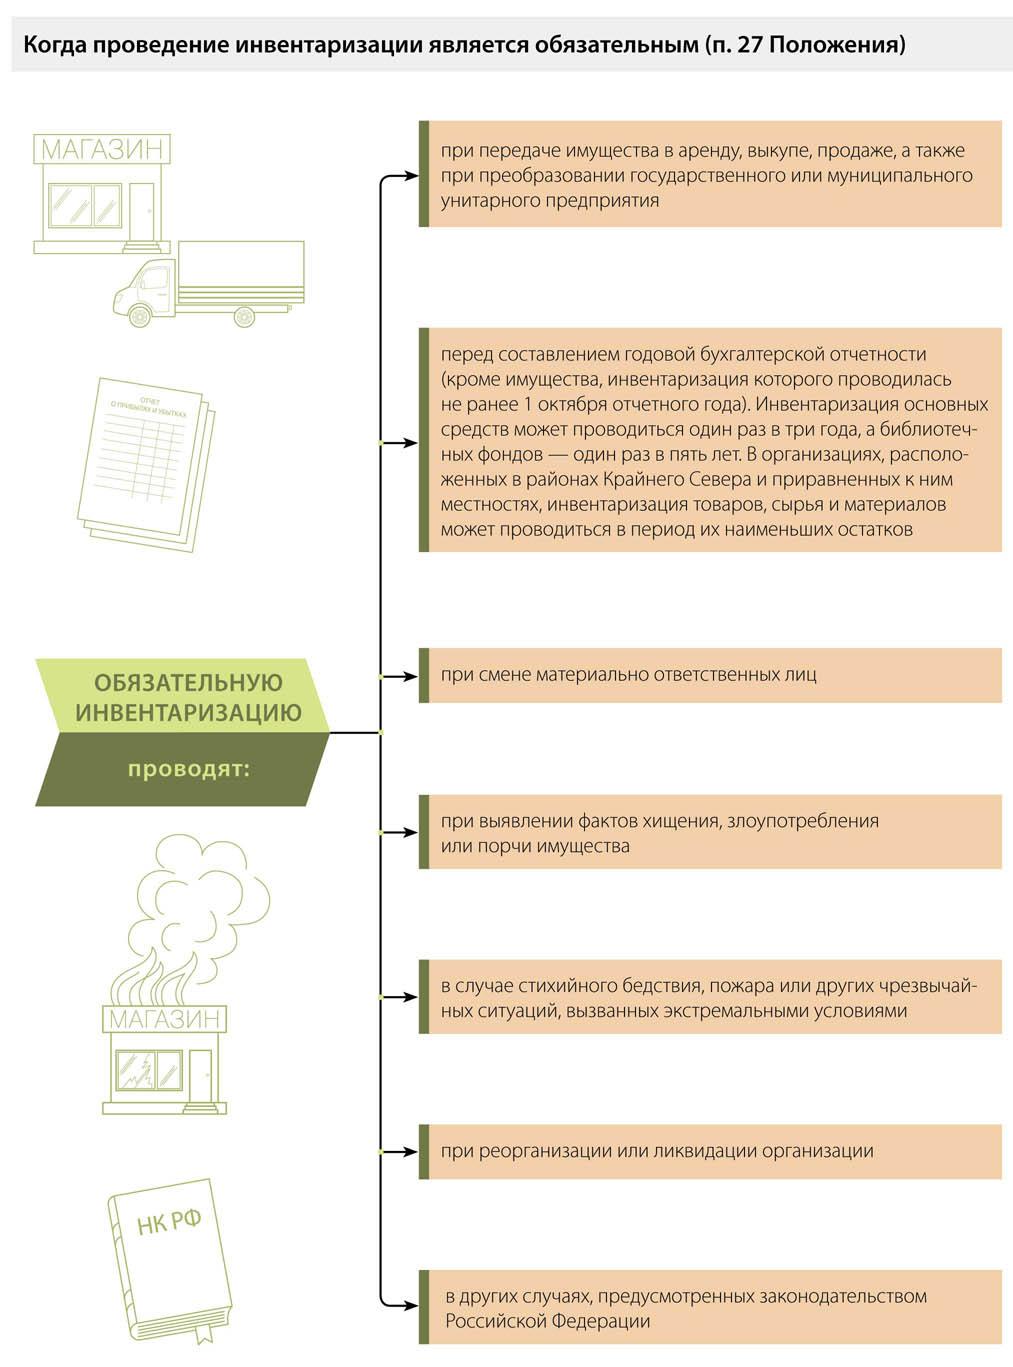 Инвентаризация отложенных налоговых активов и обязательств